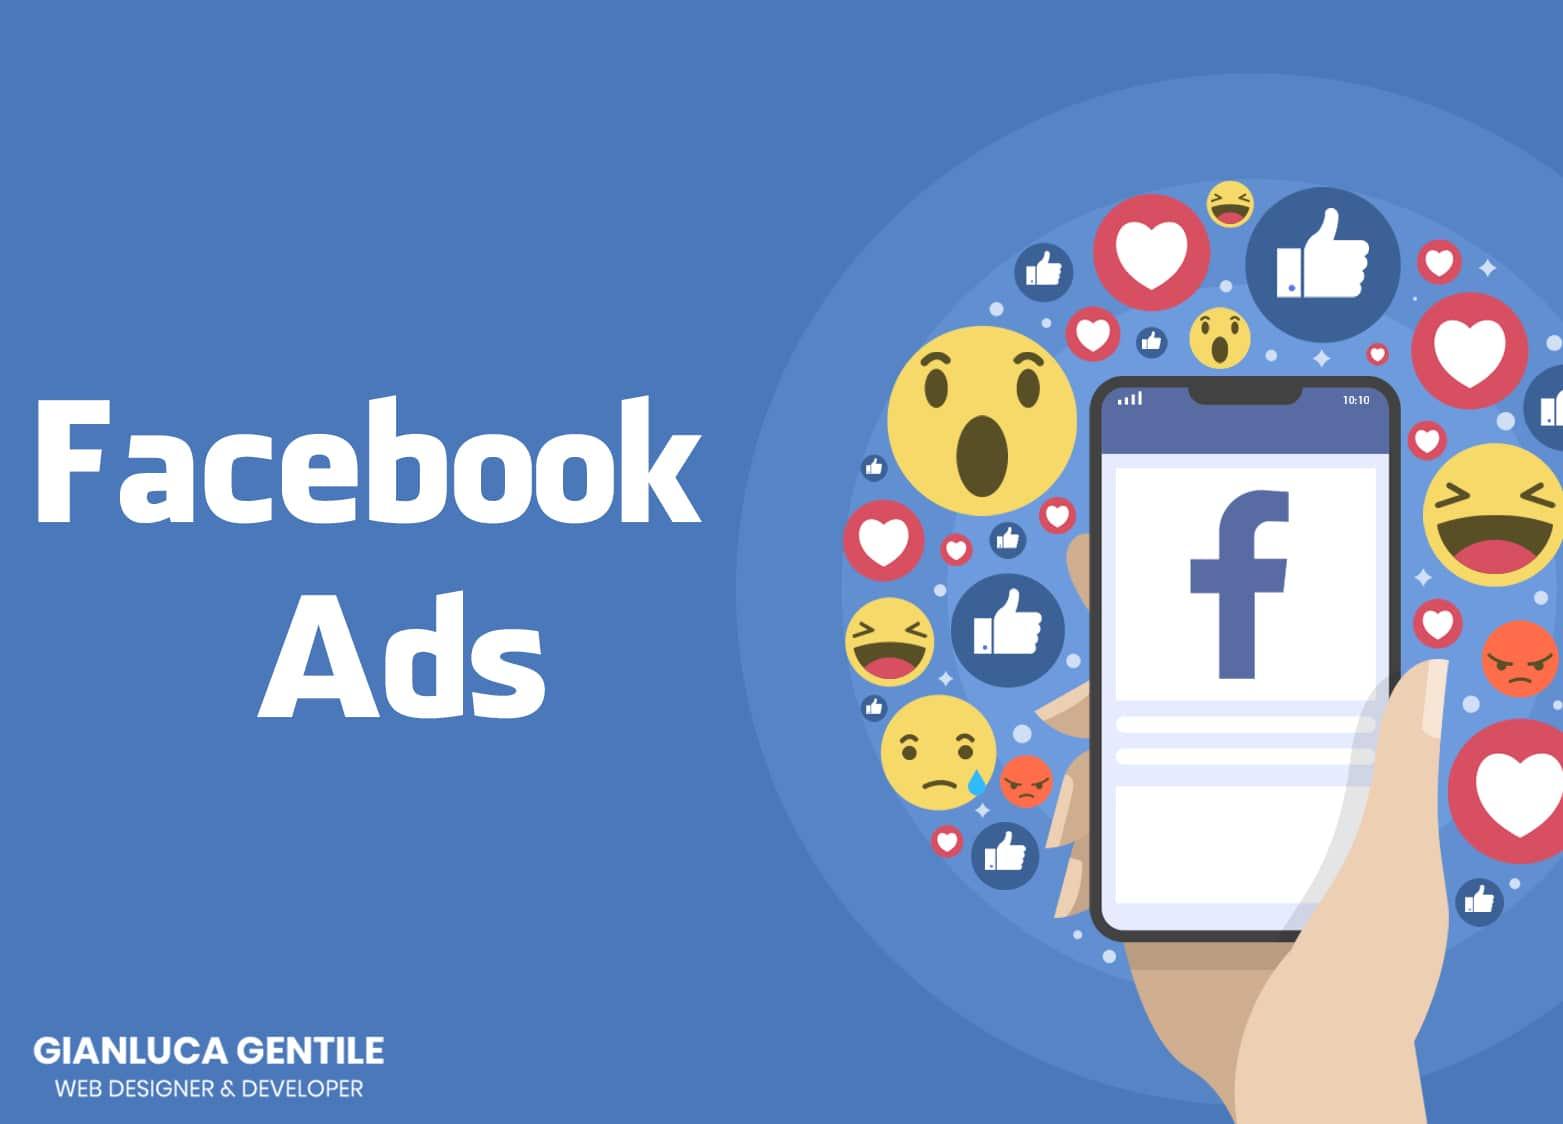 - Facebook ADS copertina blog gianluca gentile - Opzioni di Targeting Professionale su Facebook